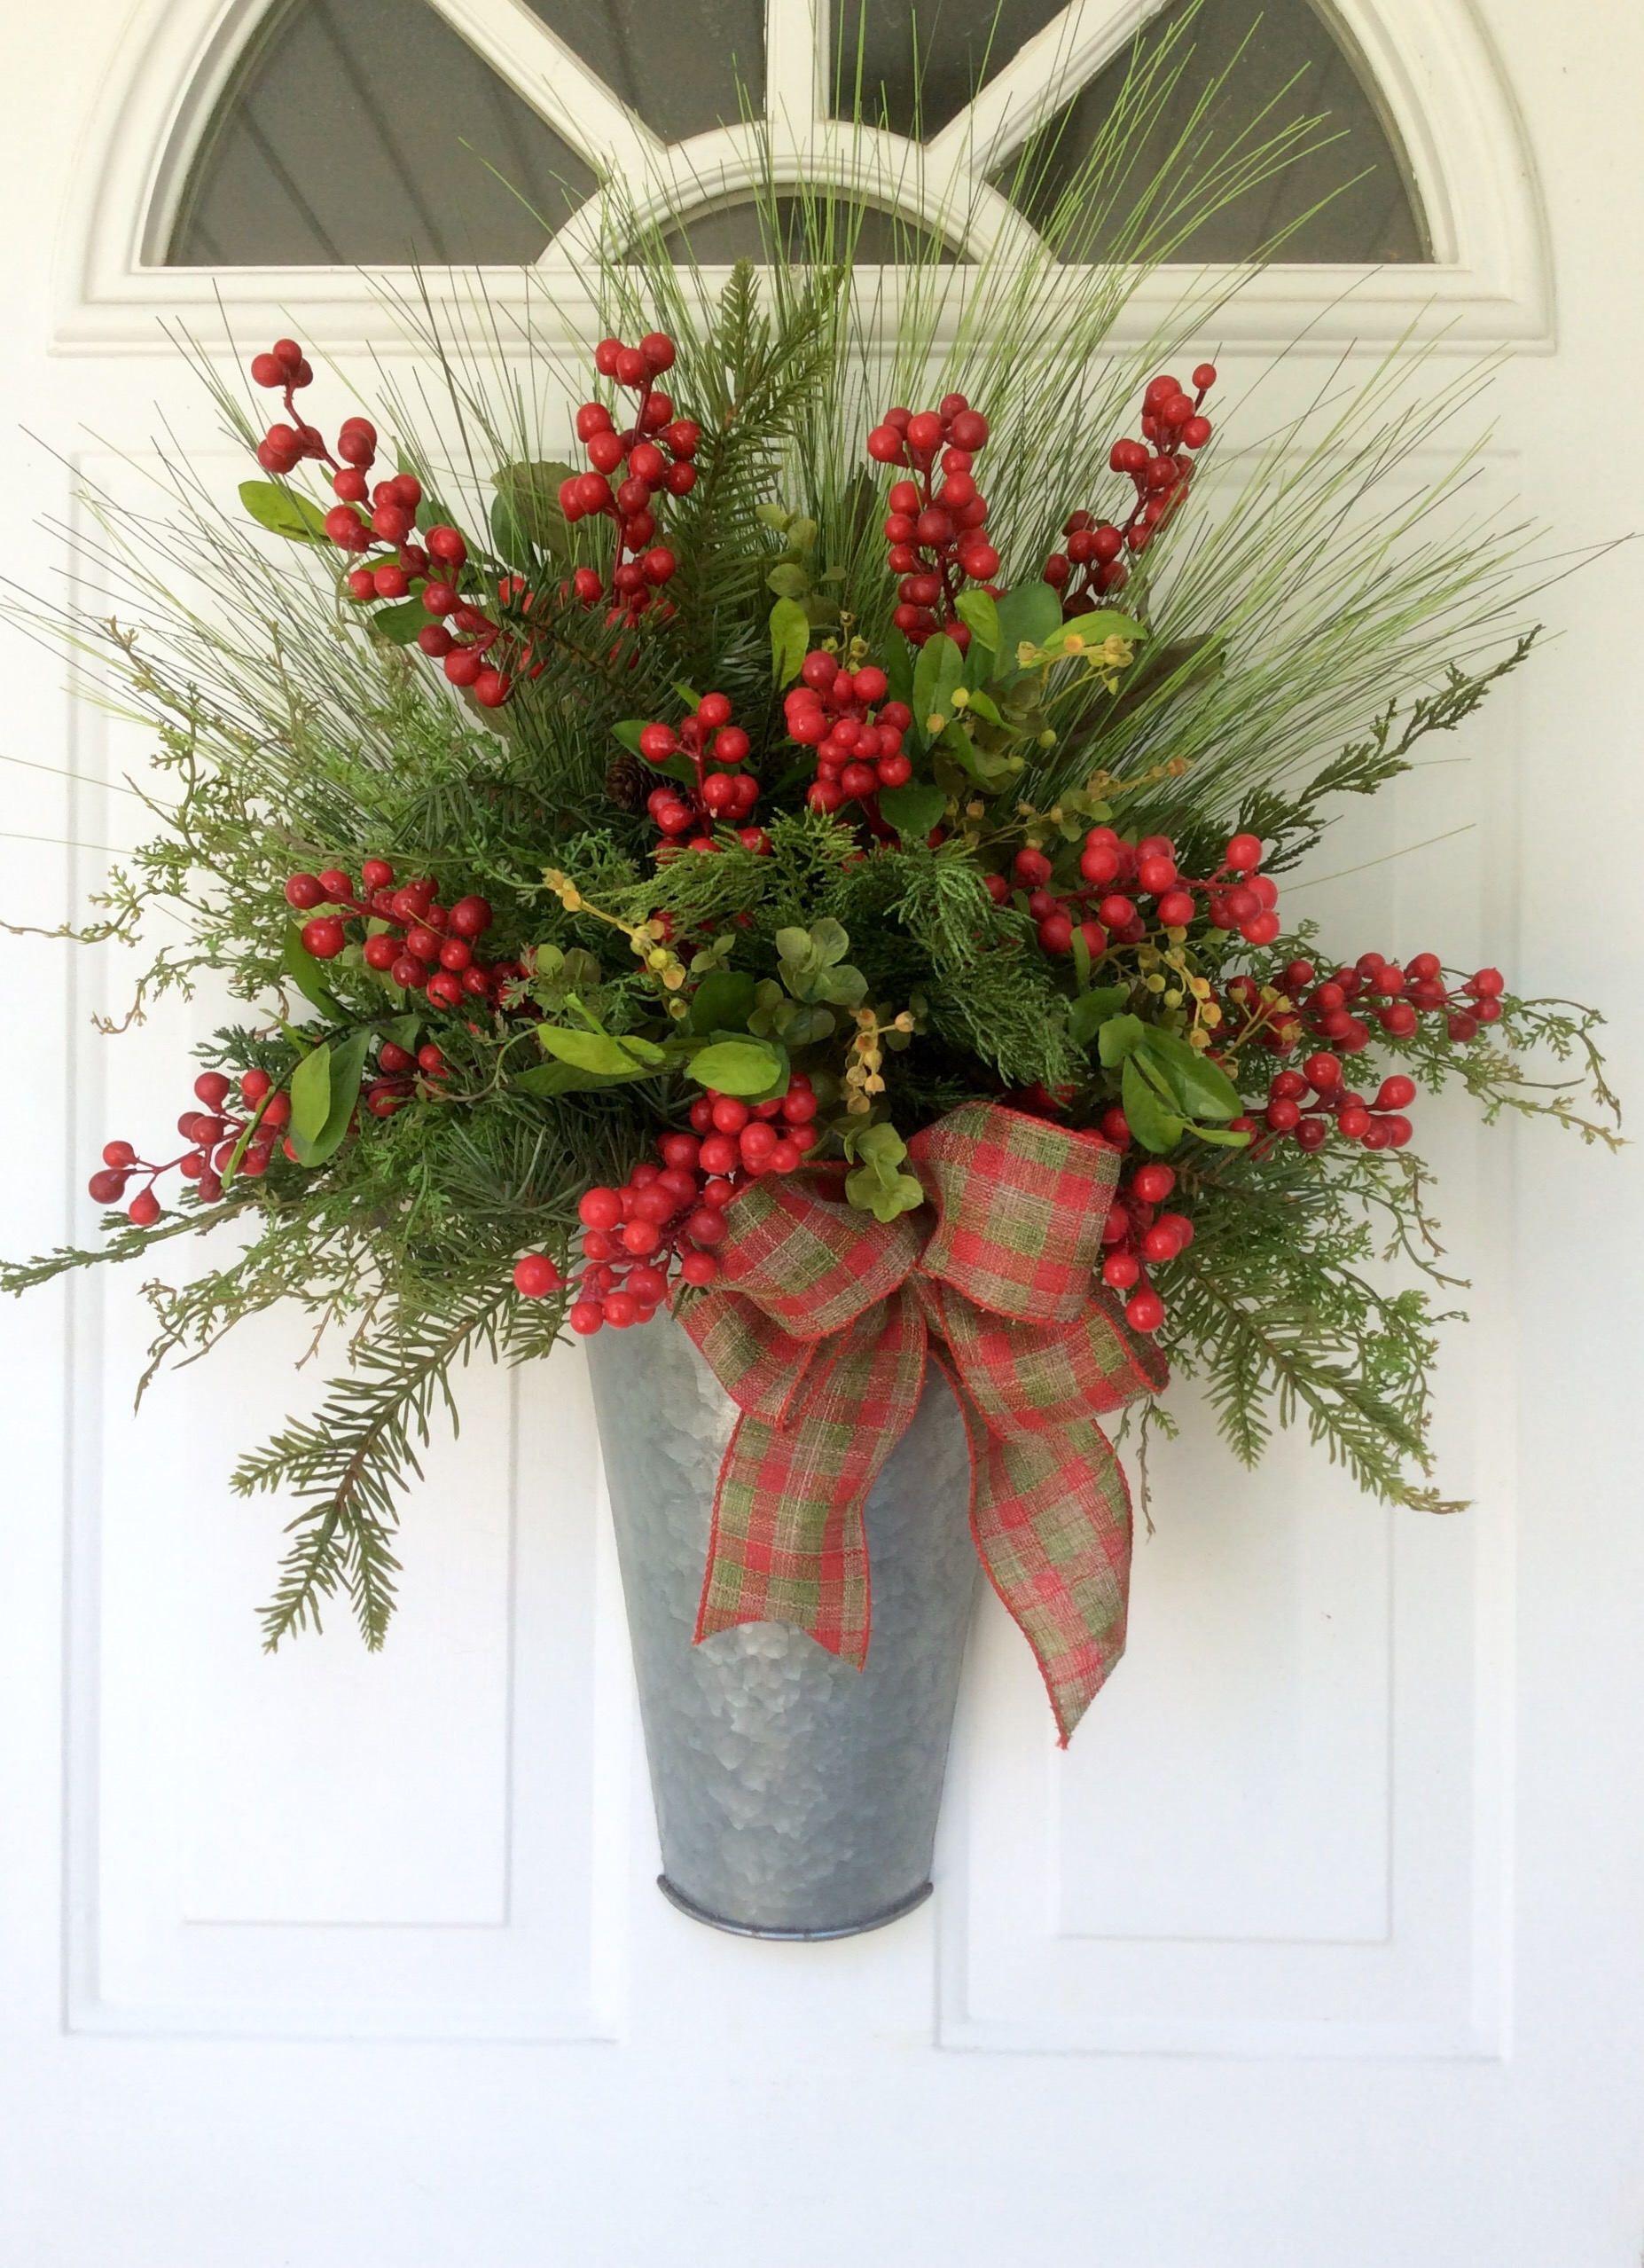 Christmas wreathwinter berry basketfarmhouse christmas